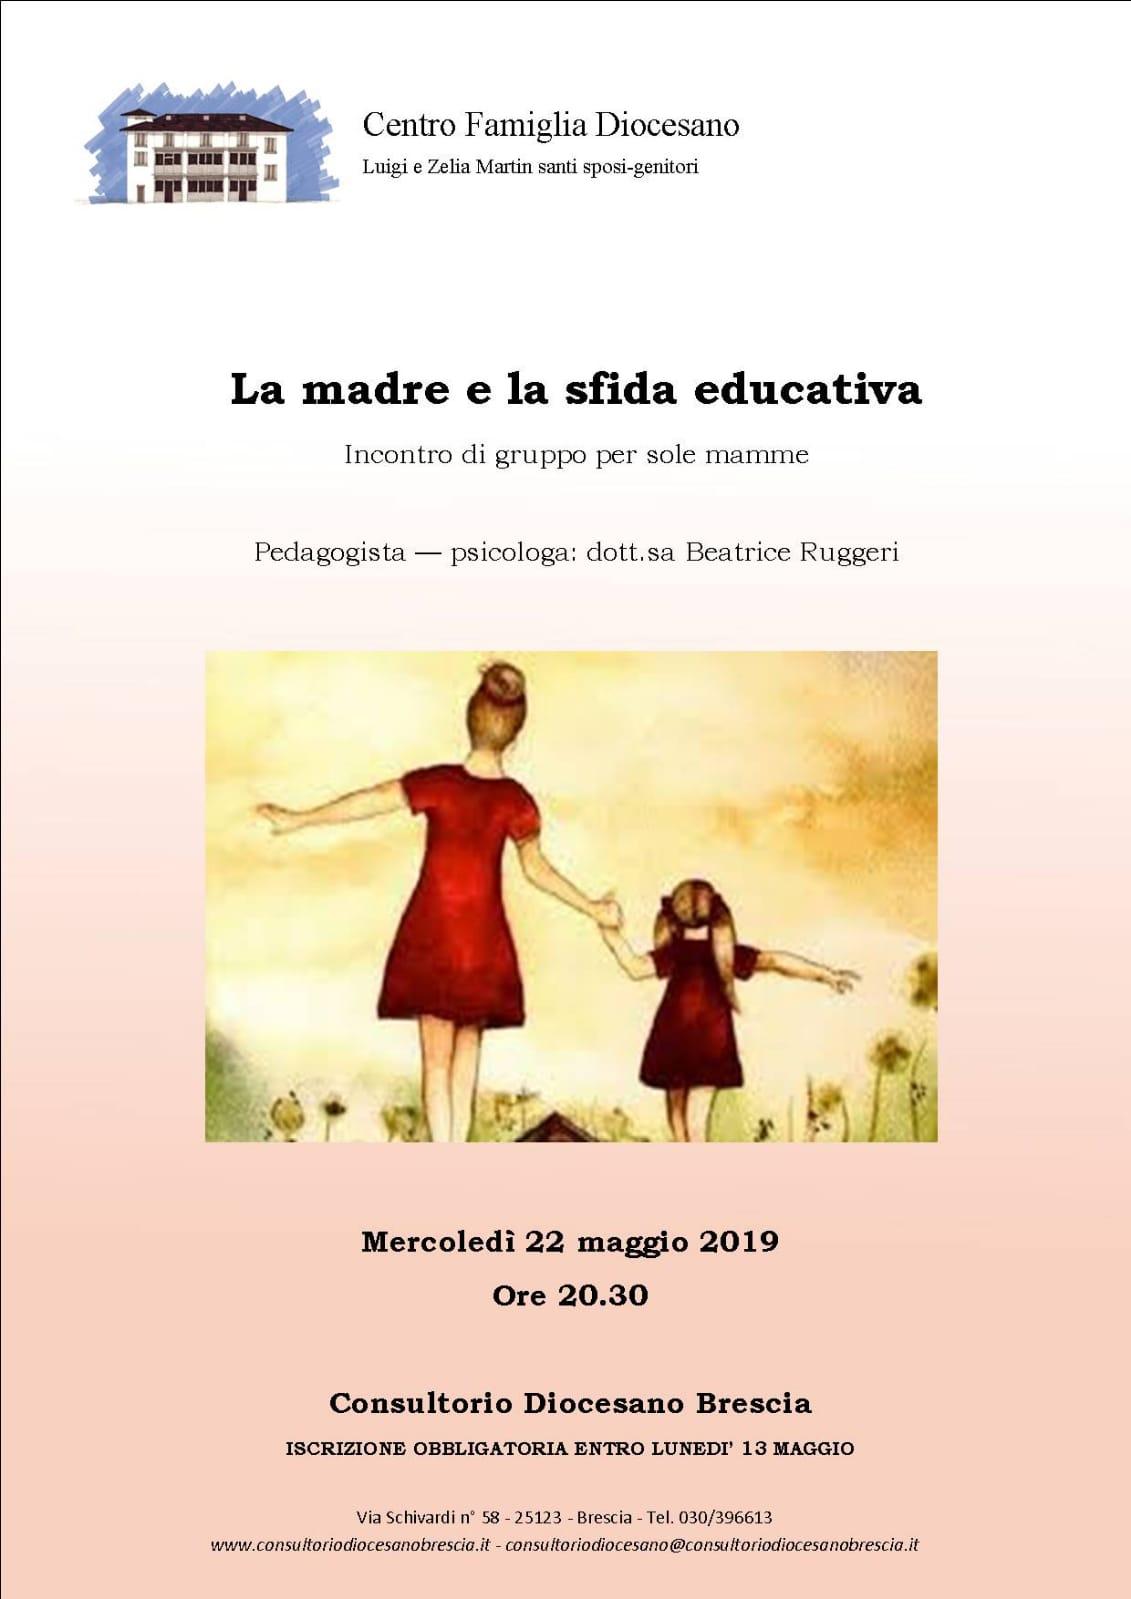 LA MADRE E LA SFIDA EDUCATIVA